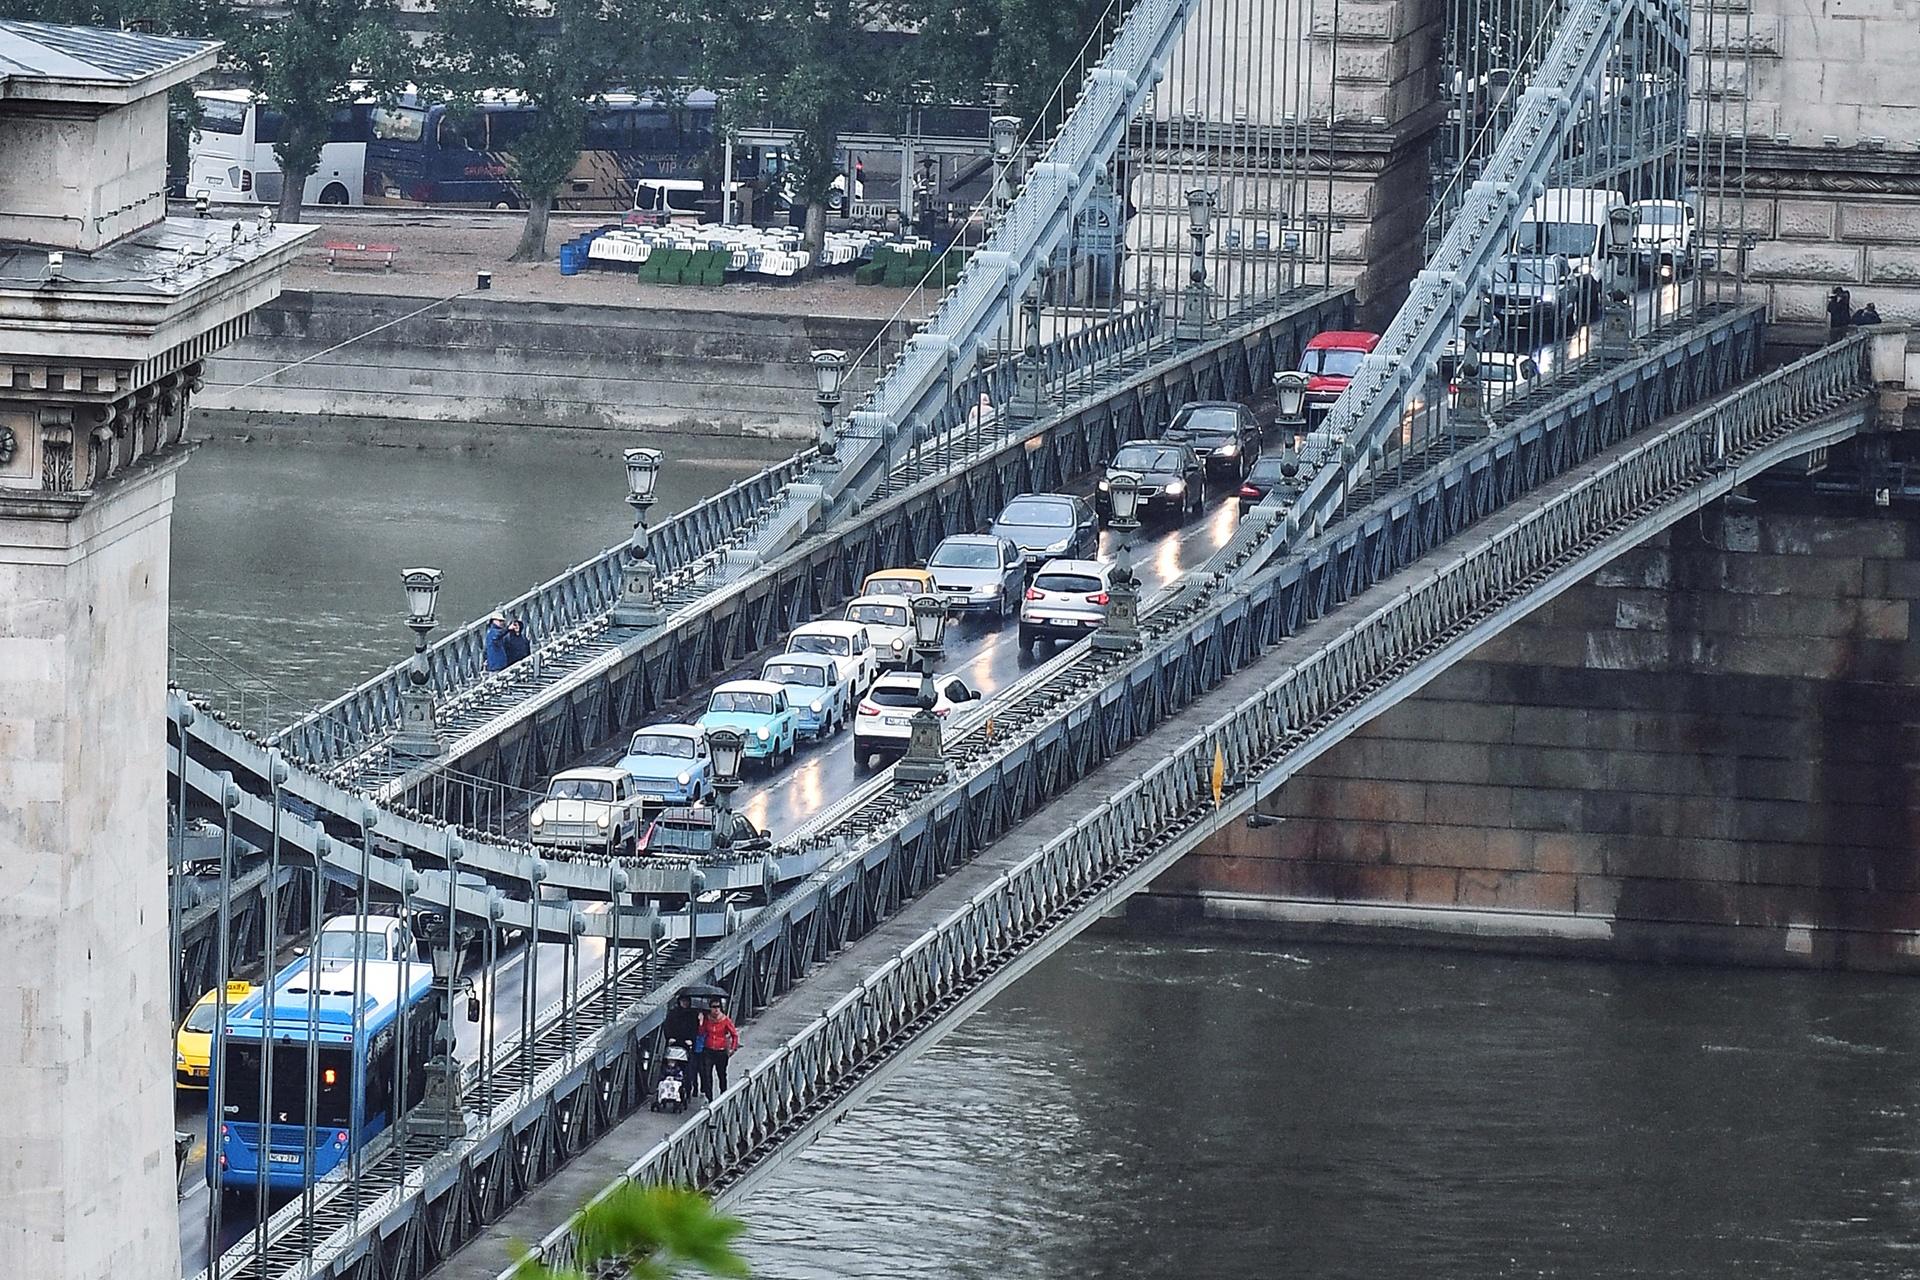 du lich Budapest o Hungary anh 3